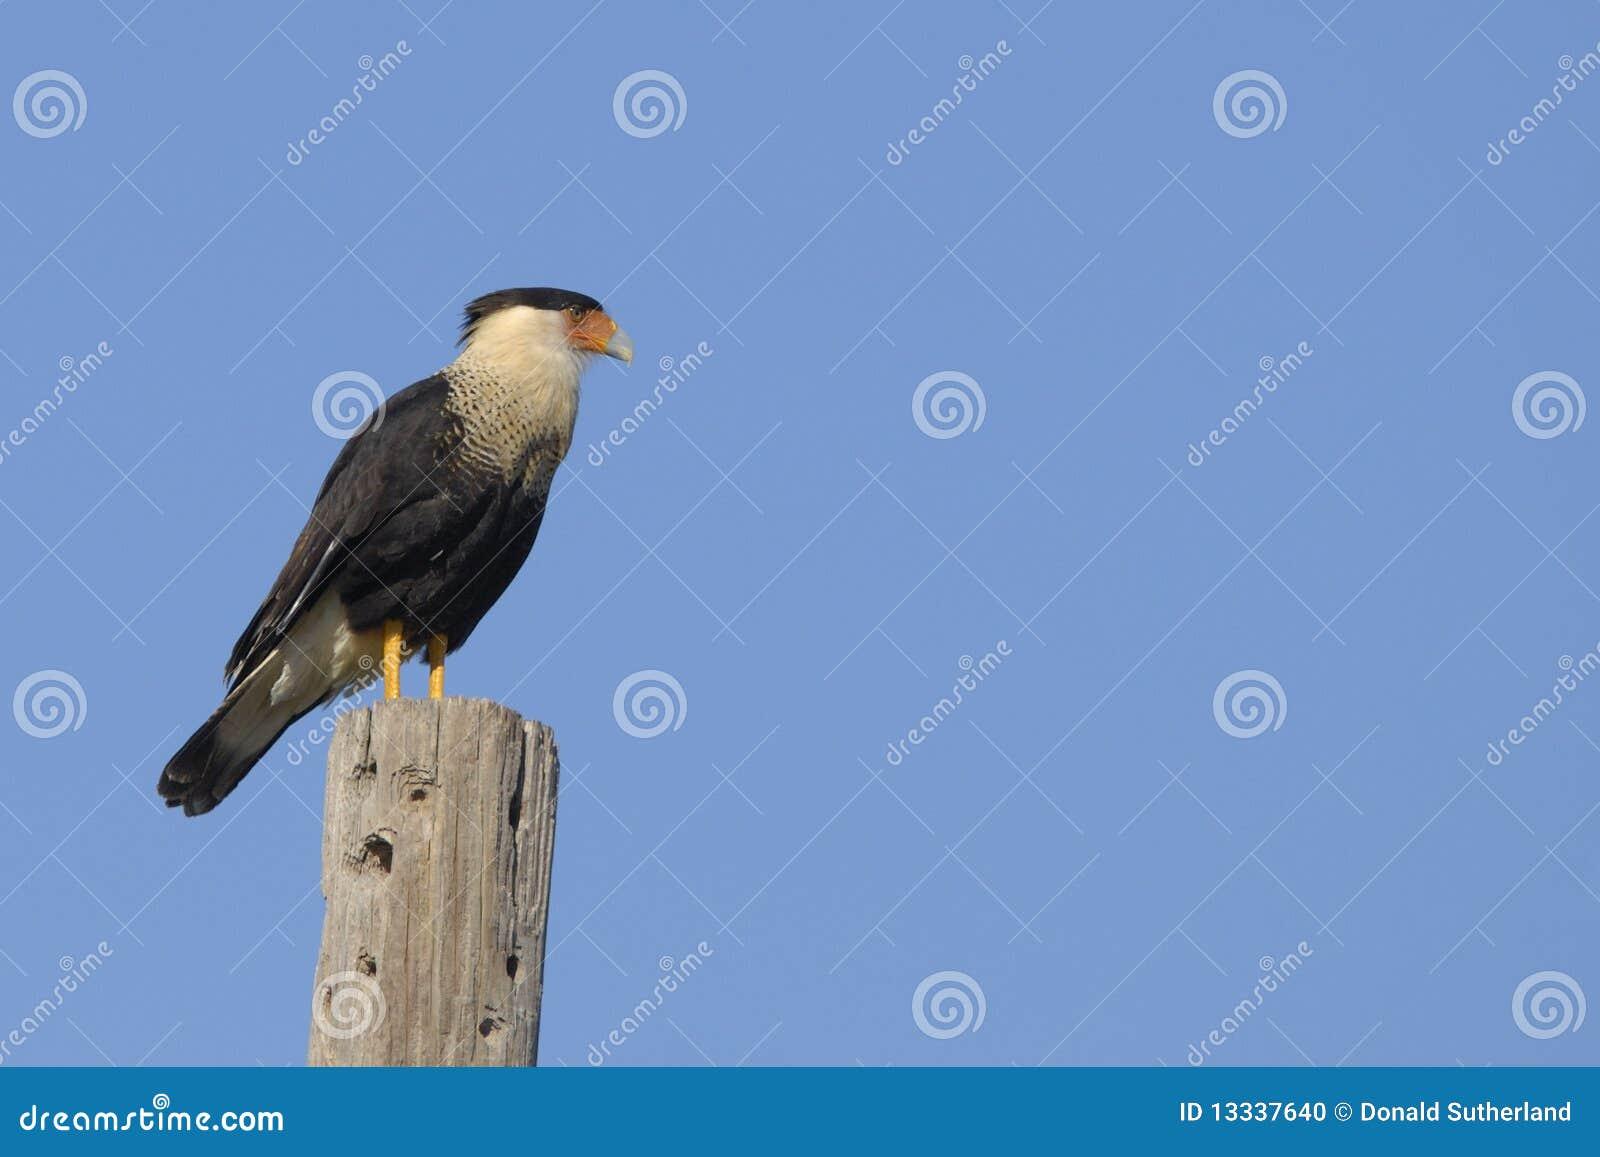 Caracara (Caracara cheriway)